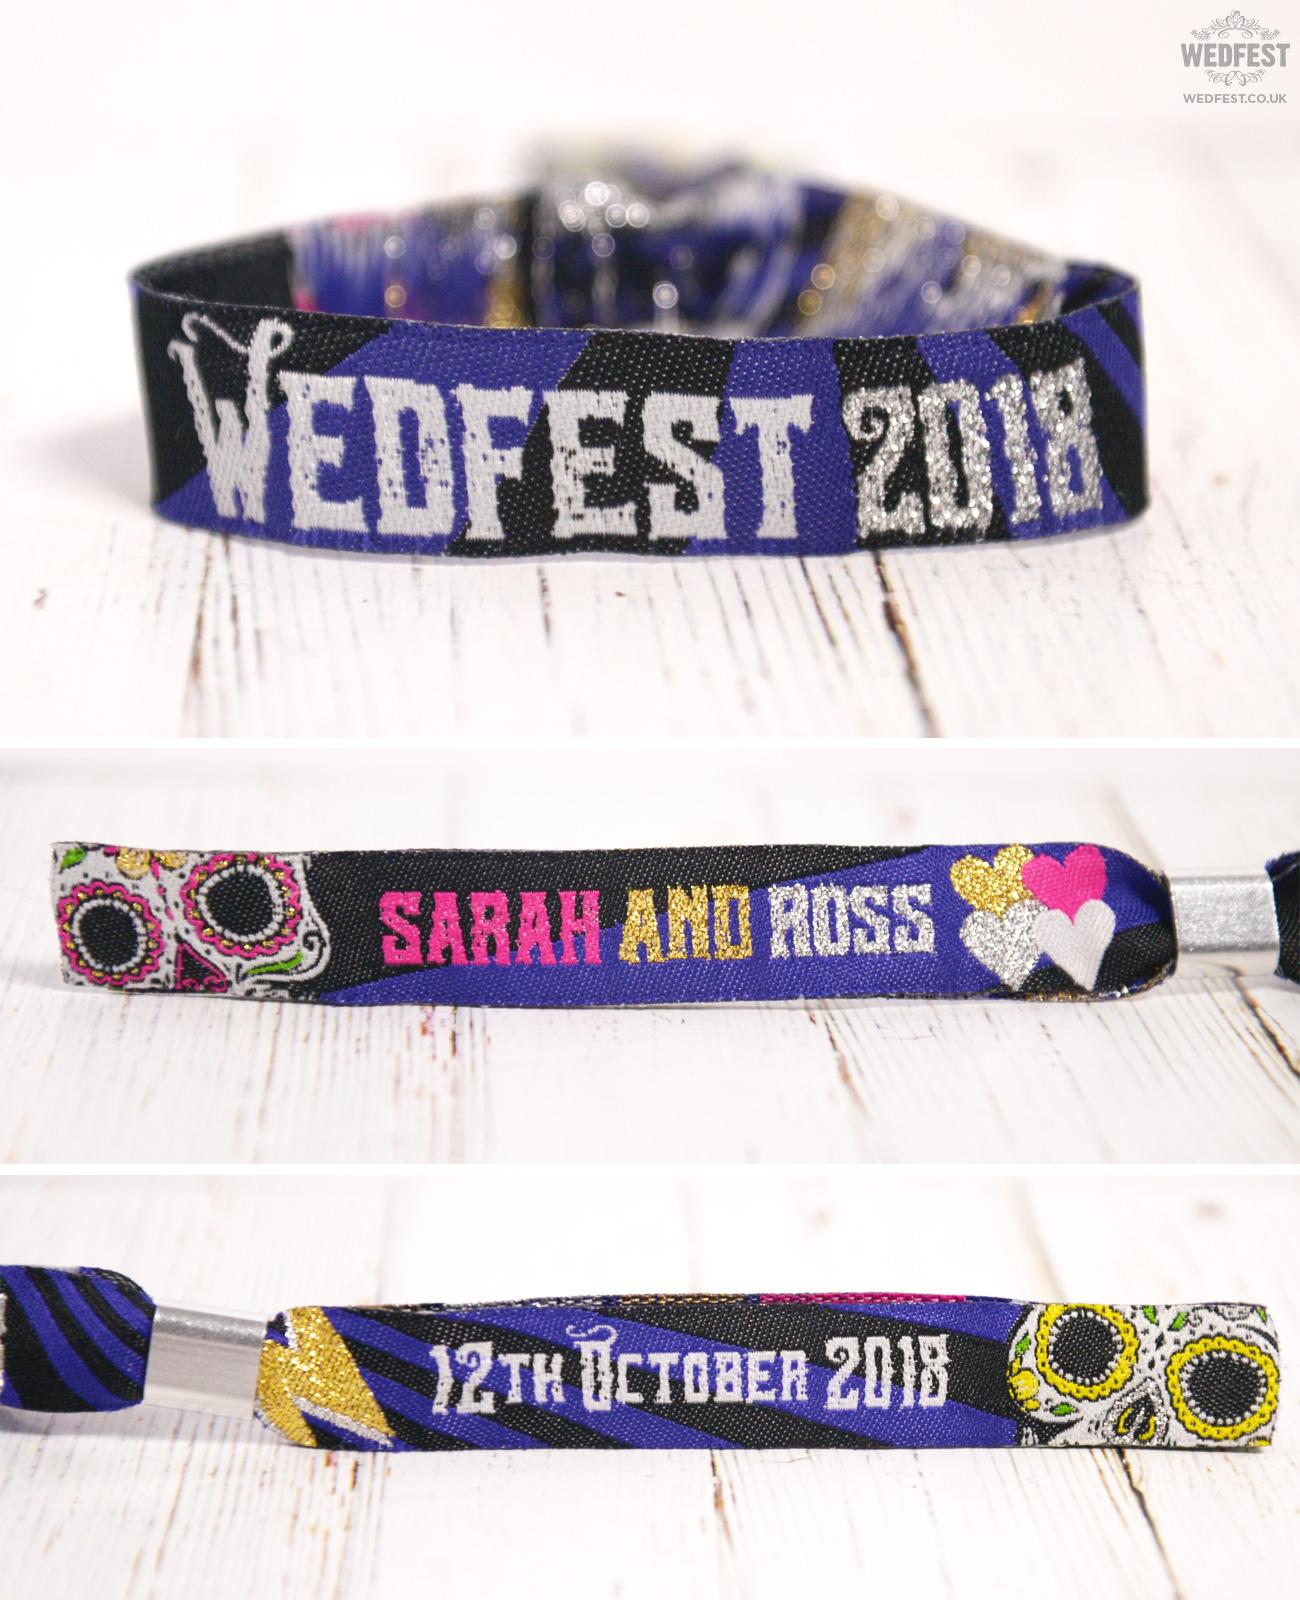 wedfest personalised rocker rock n roll wedding wristbands favours